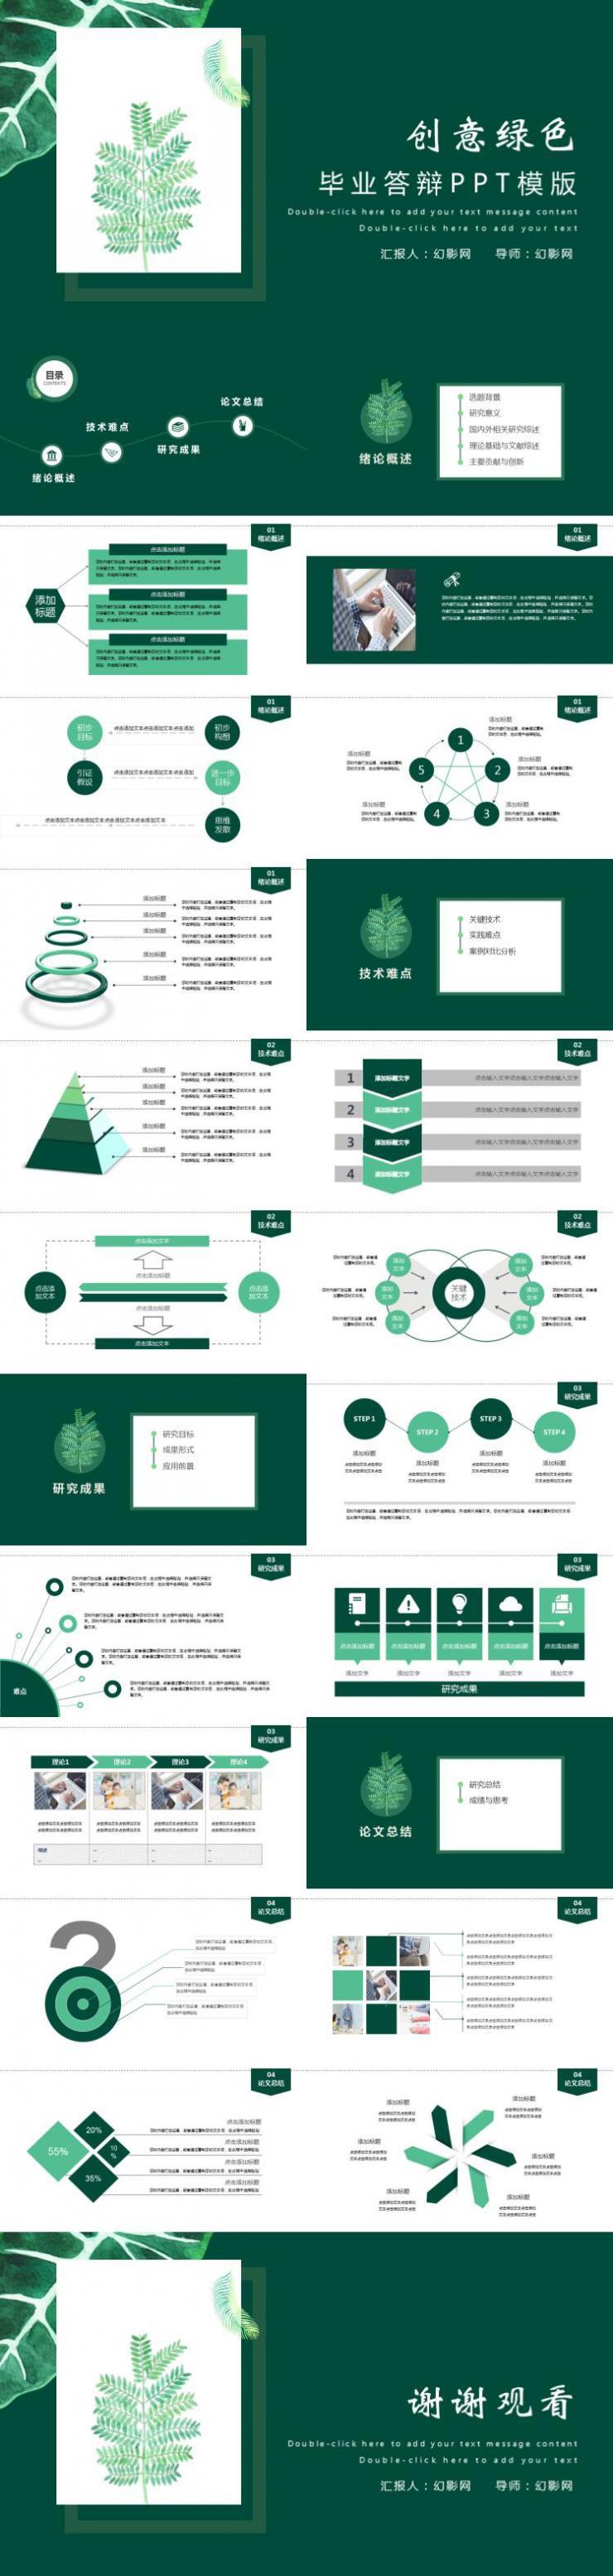 绿色简约学术论文答辩PPT模板